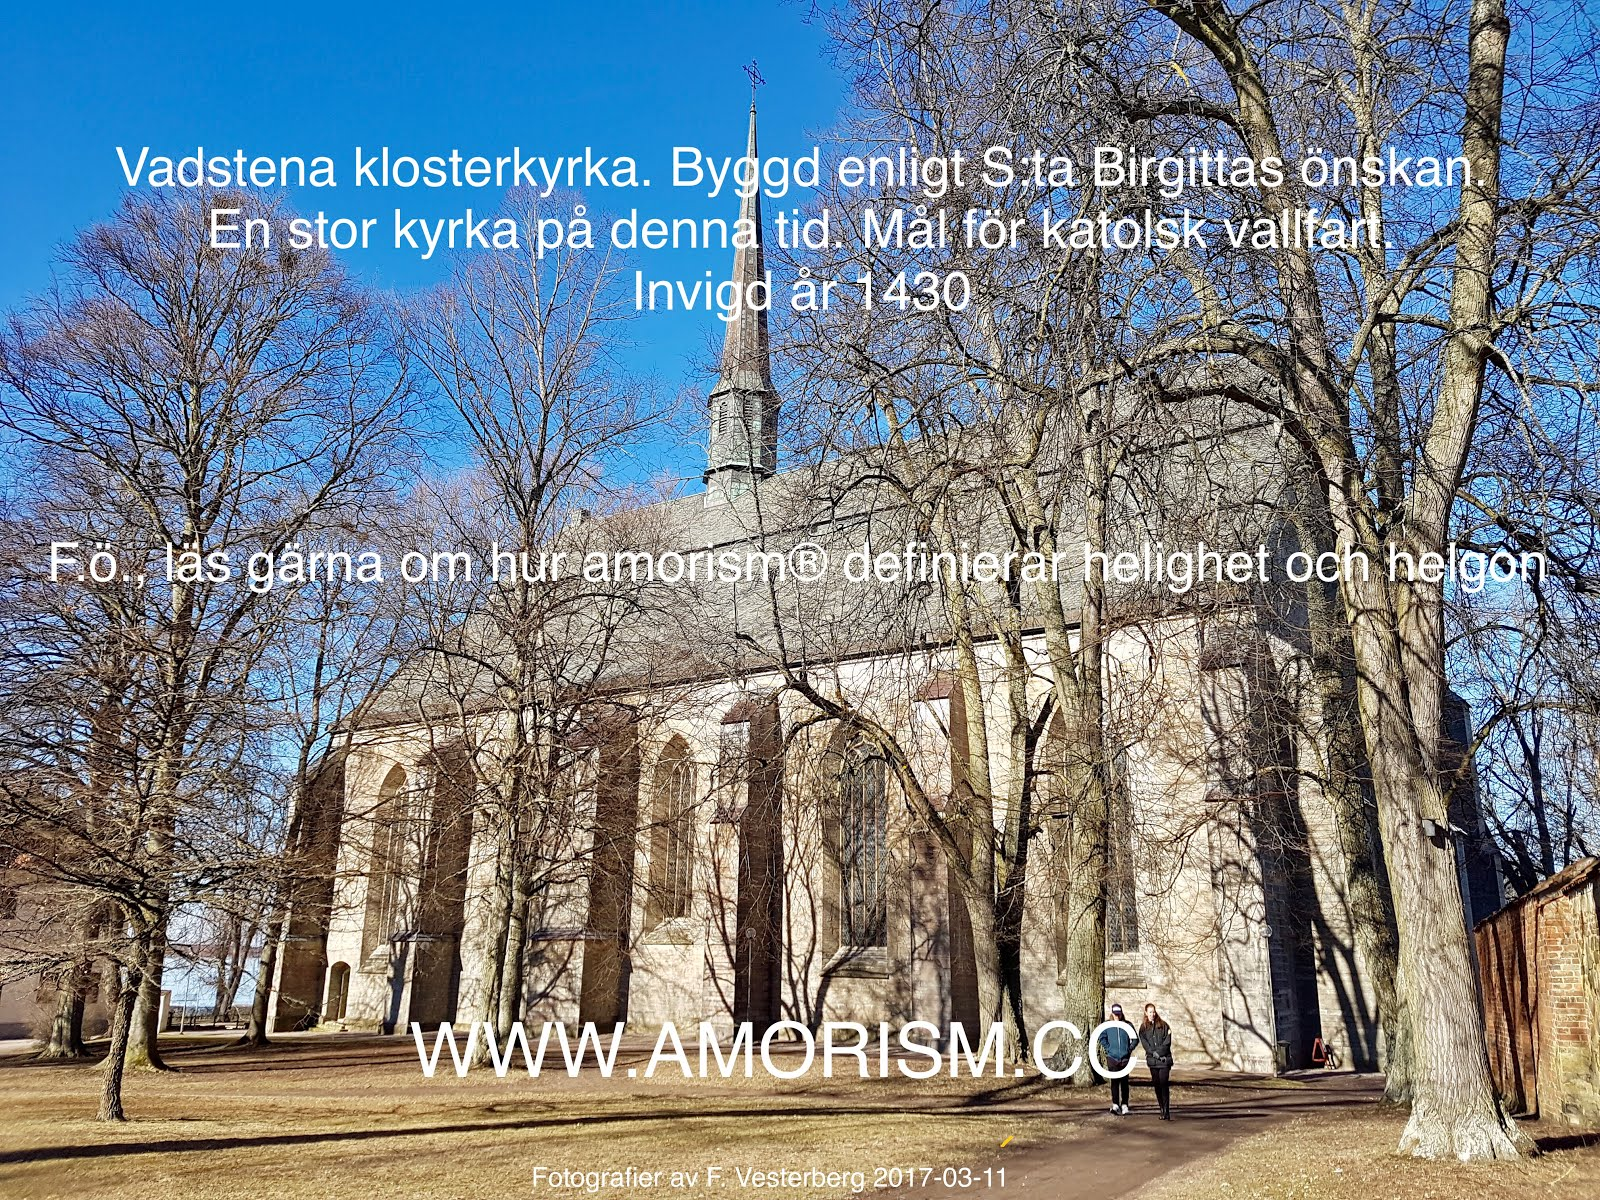 Bild Vadstena klosterkyrka